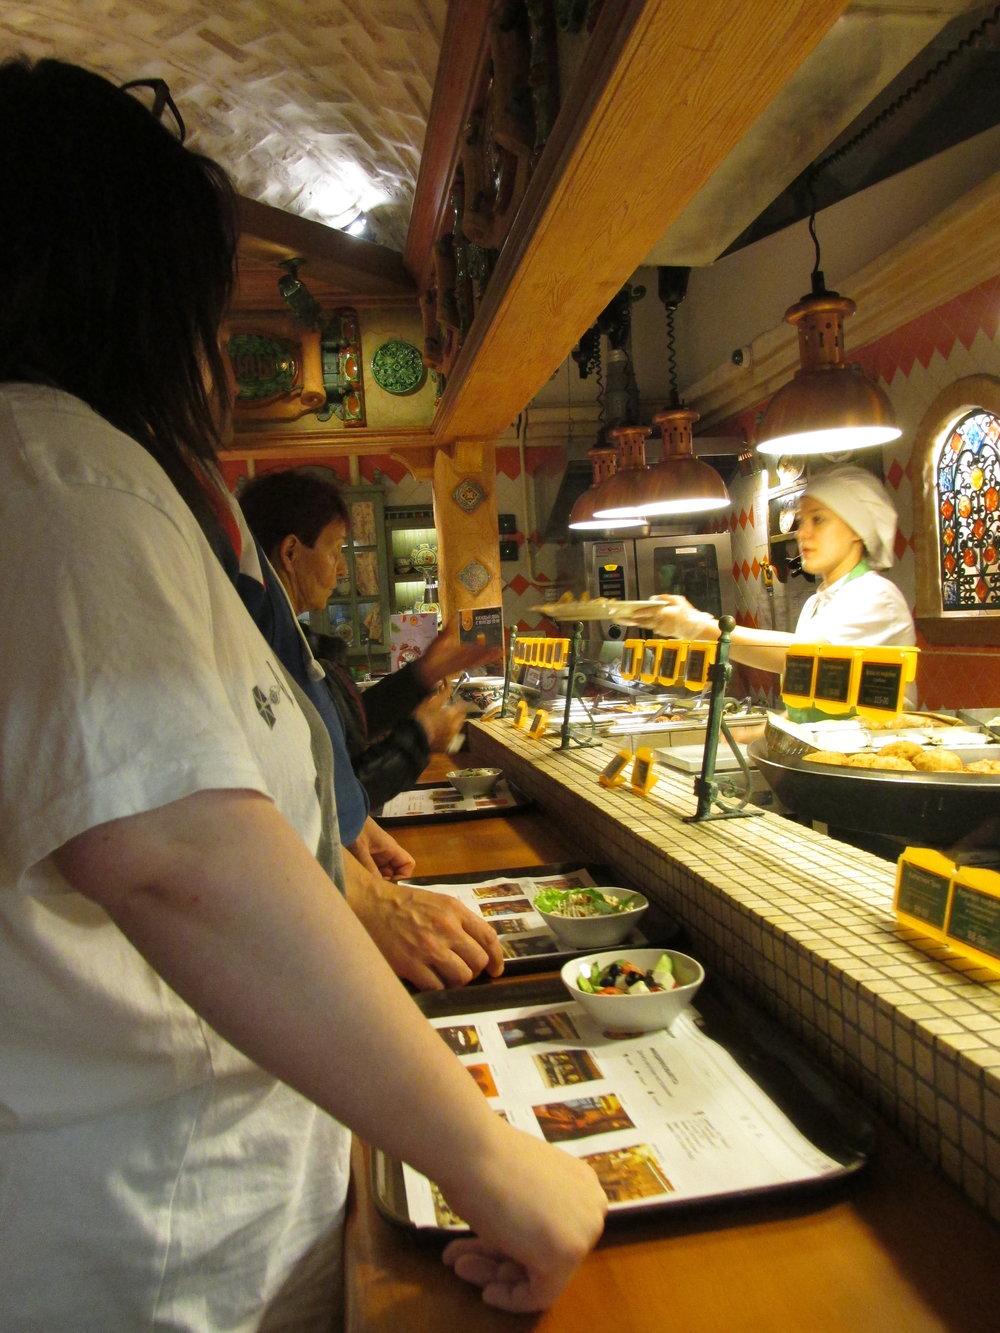 Upea buffetravintola käsittämättömine hinta-laatusuhteineen Smolenskin kävelykadulla